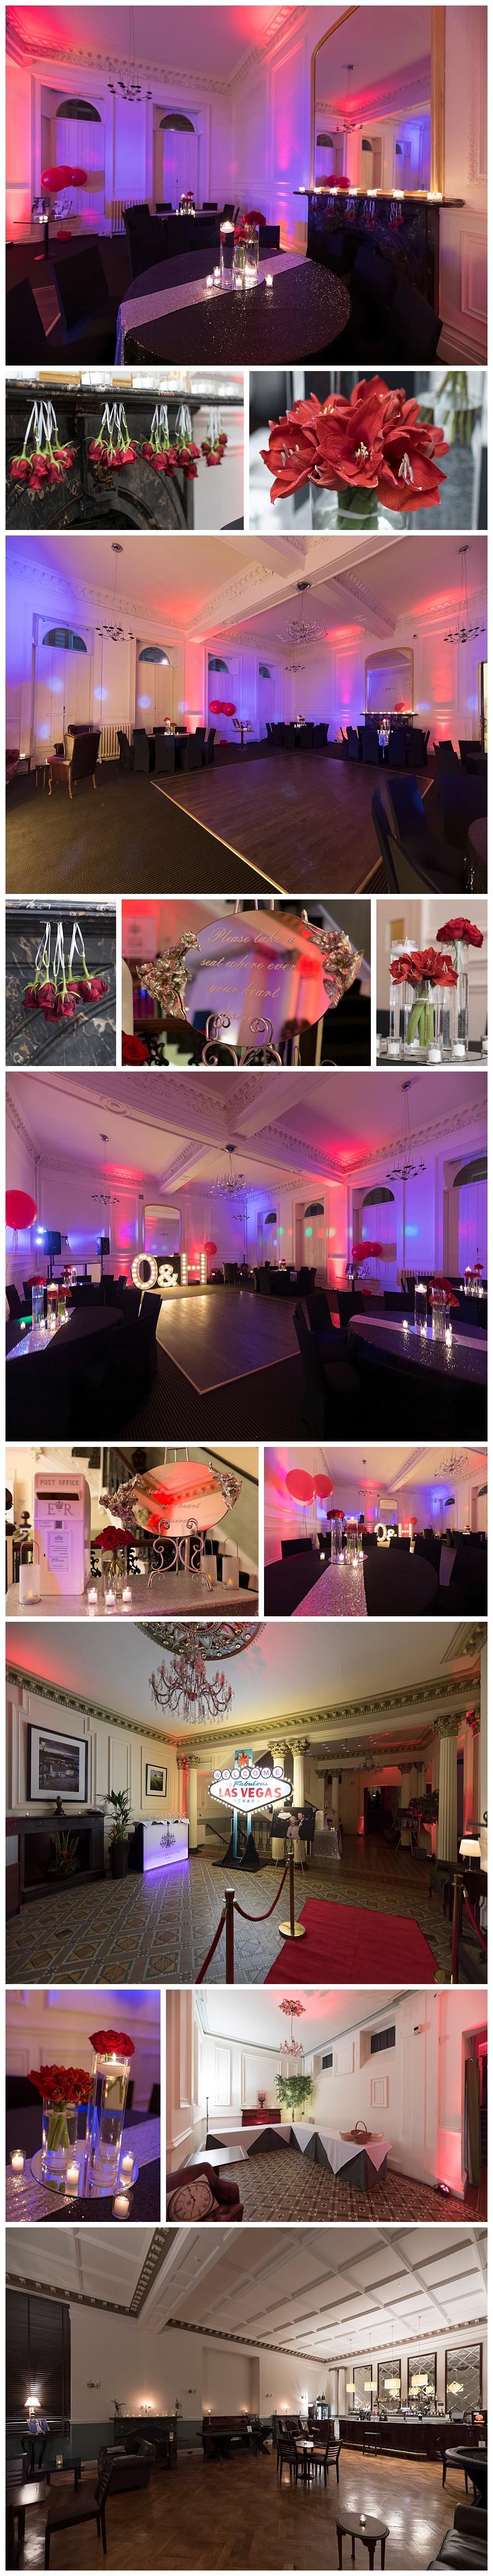 Photographer Leeds Weddings, wedding photography The Leeds Club, vegas themed wedding